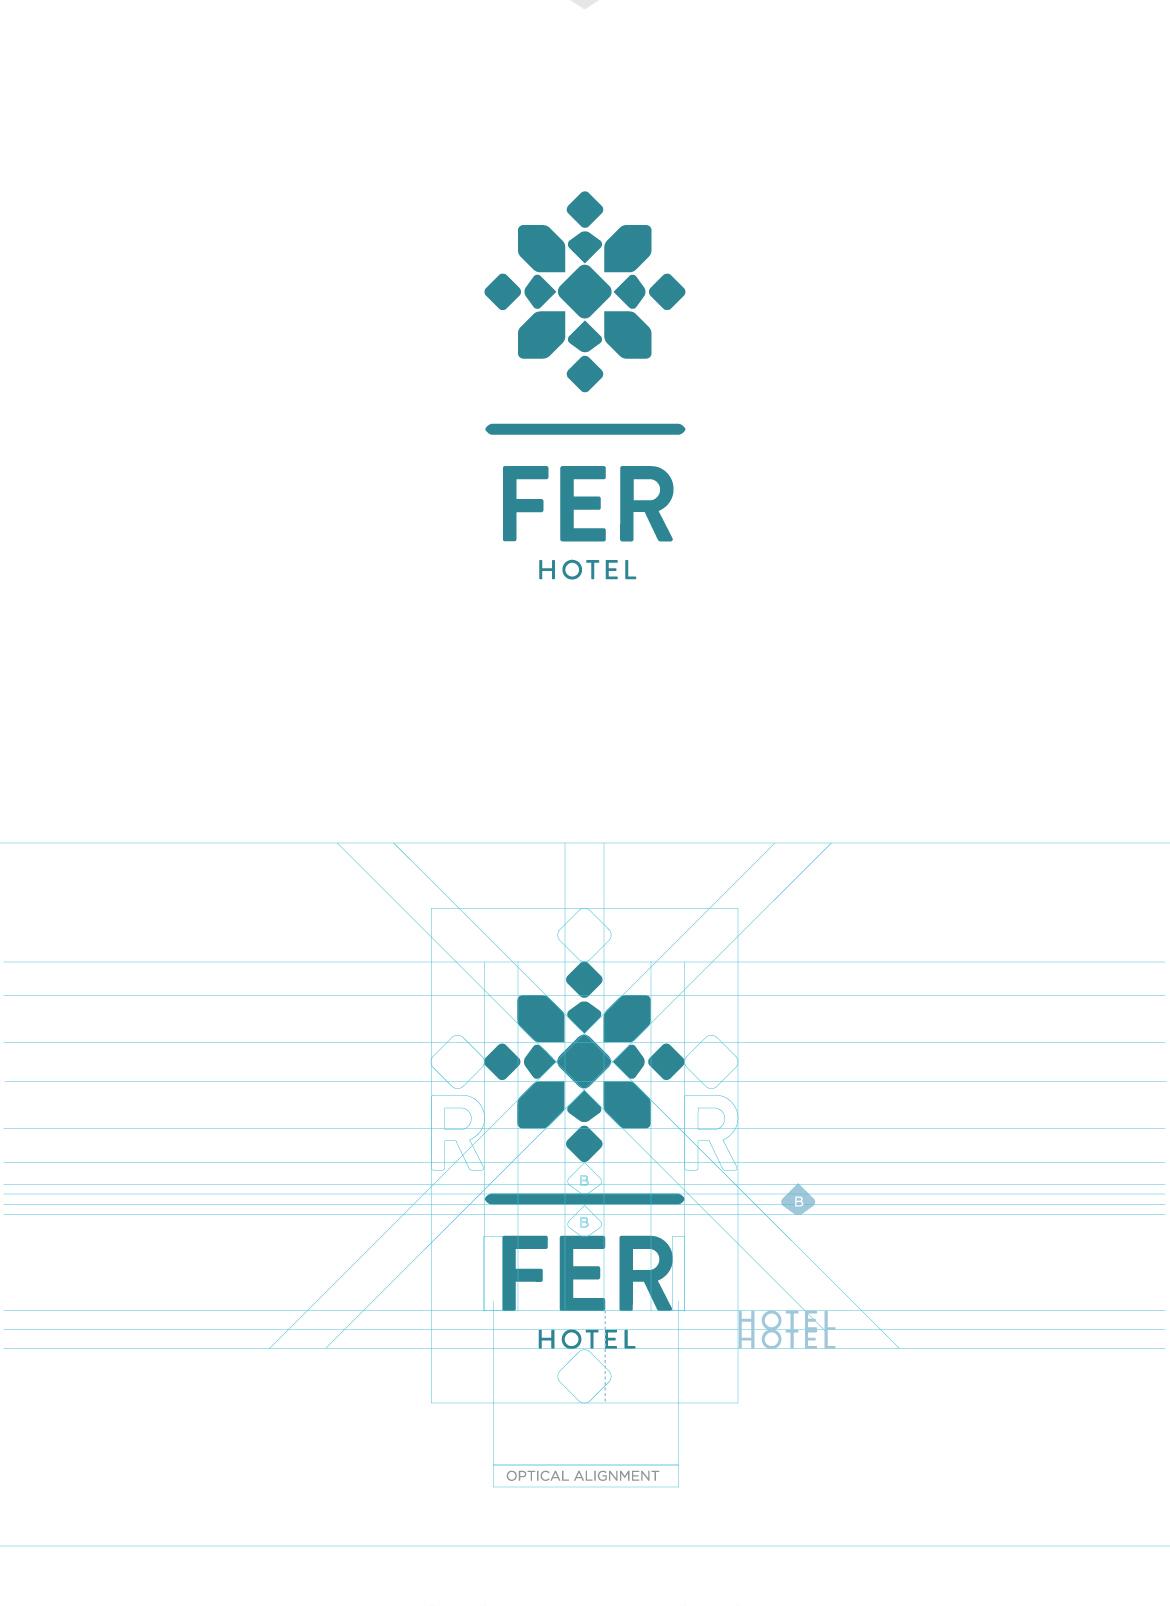 Fer_07